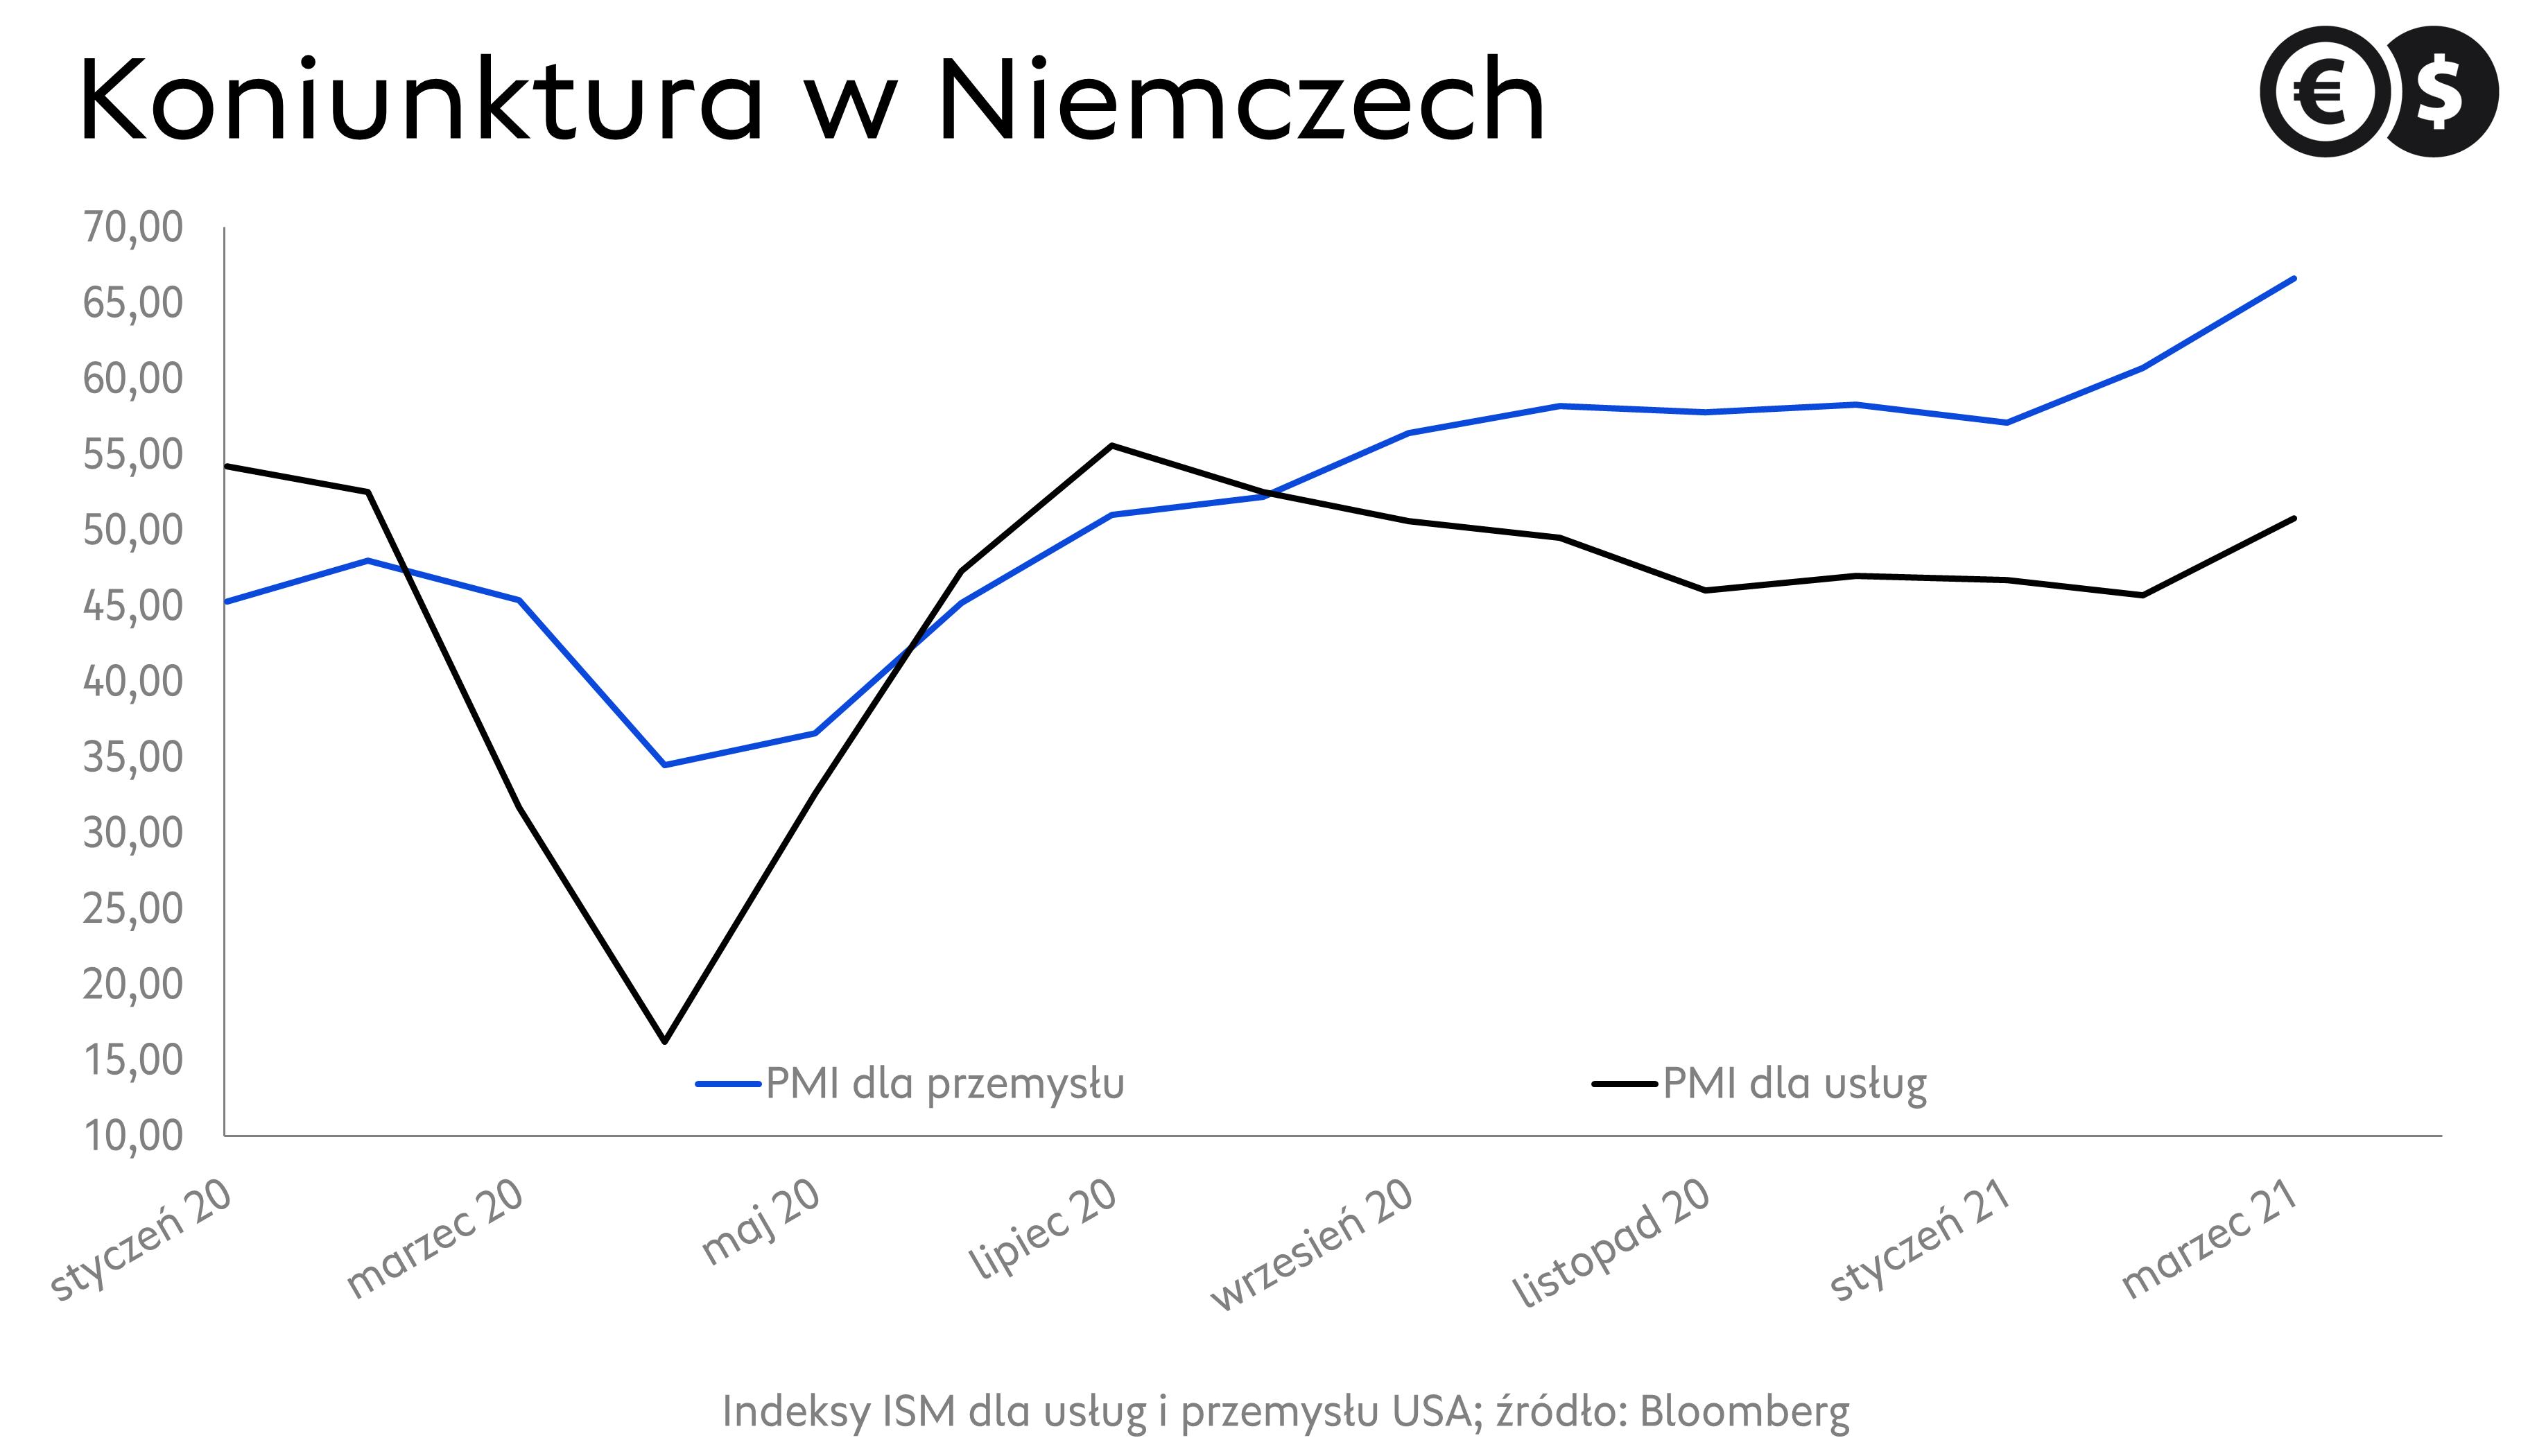 Koniunktura w Niemczech. Indeks PMI dla usług i przemysłu; źródło: Bloomberg